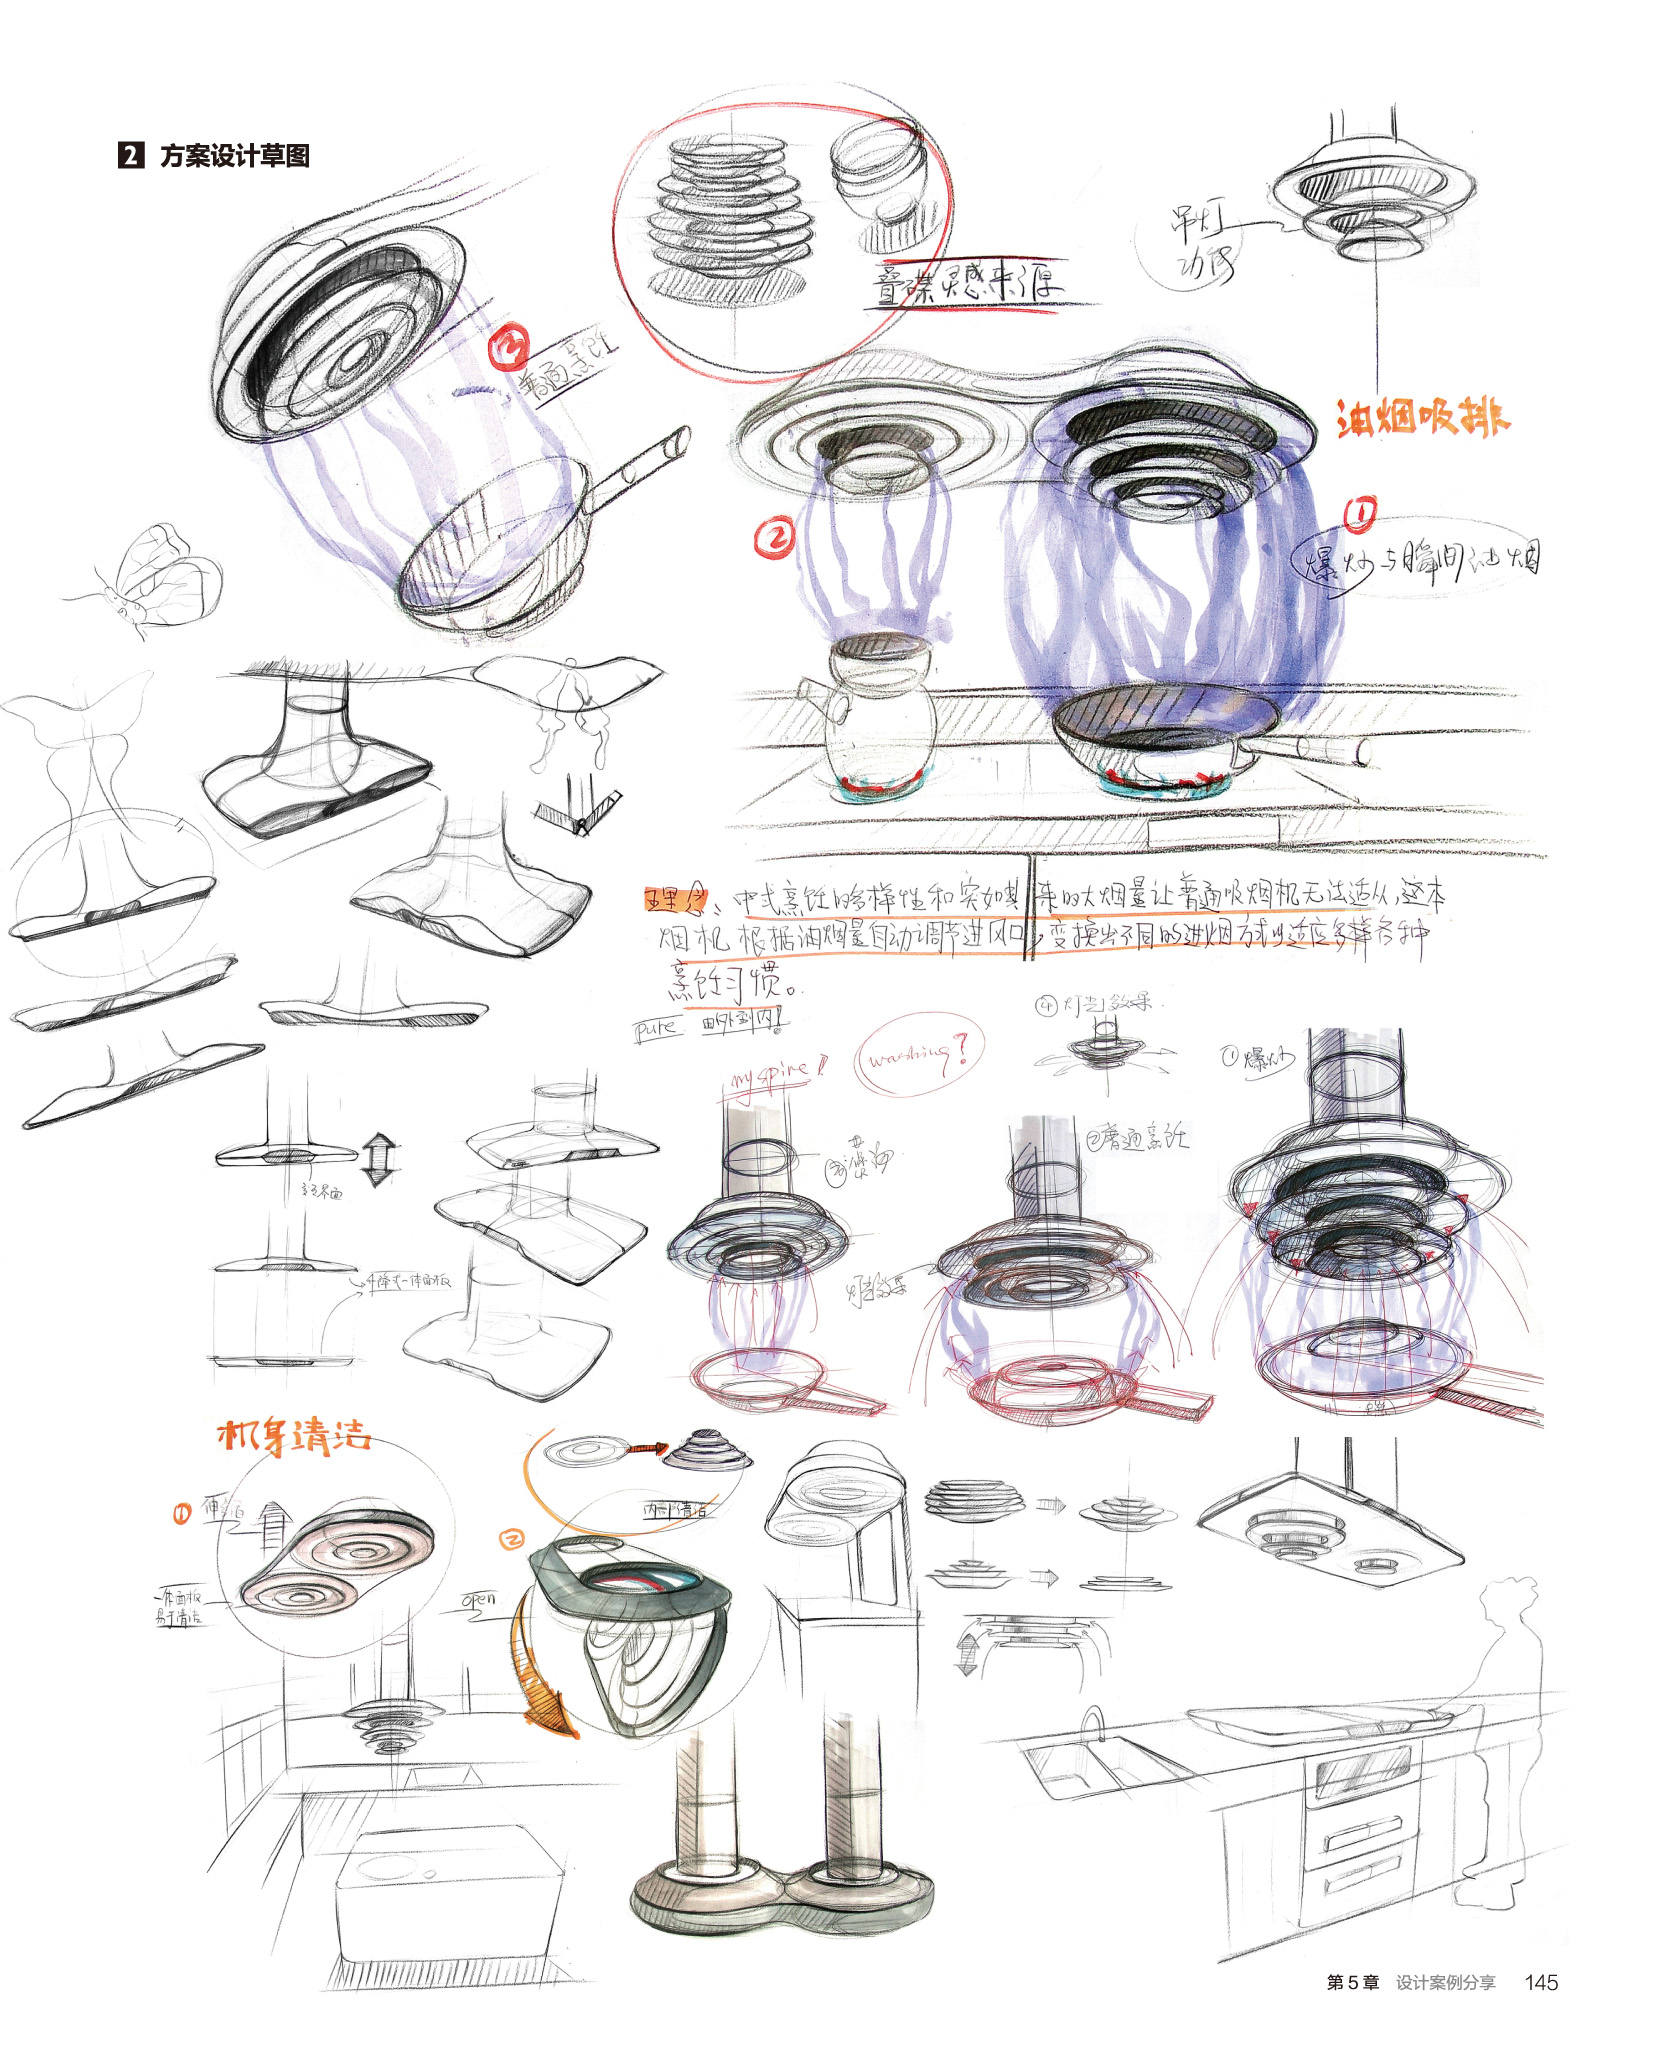 《印象手绘 工业产品设计手绘教